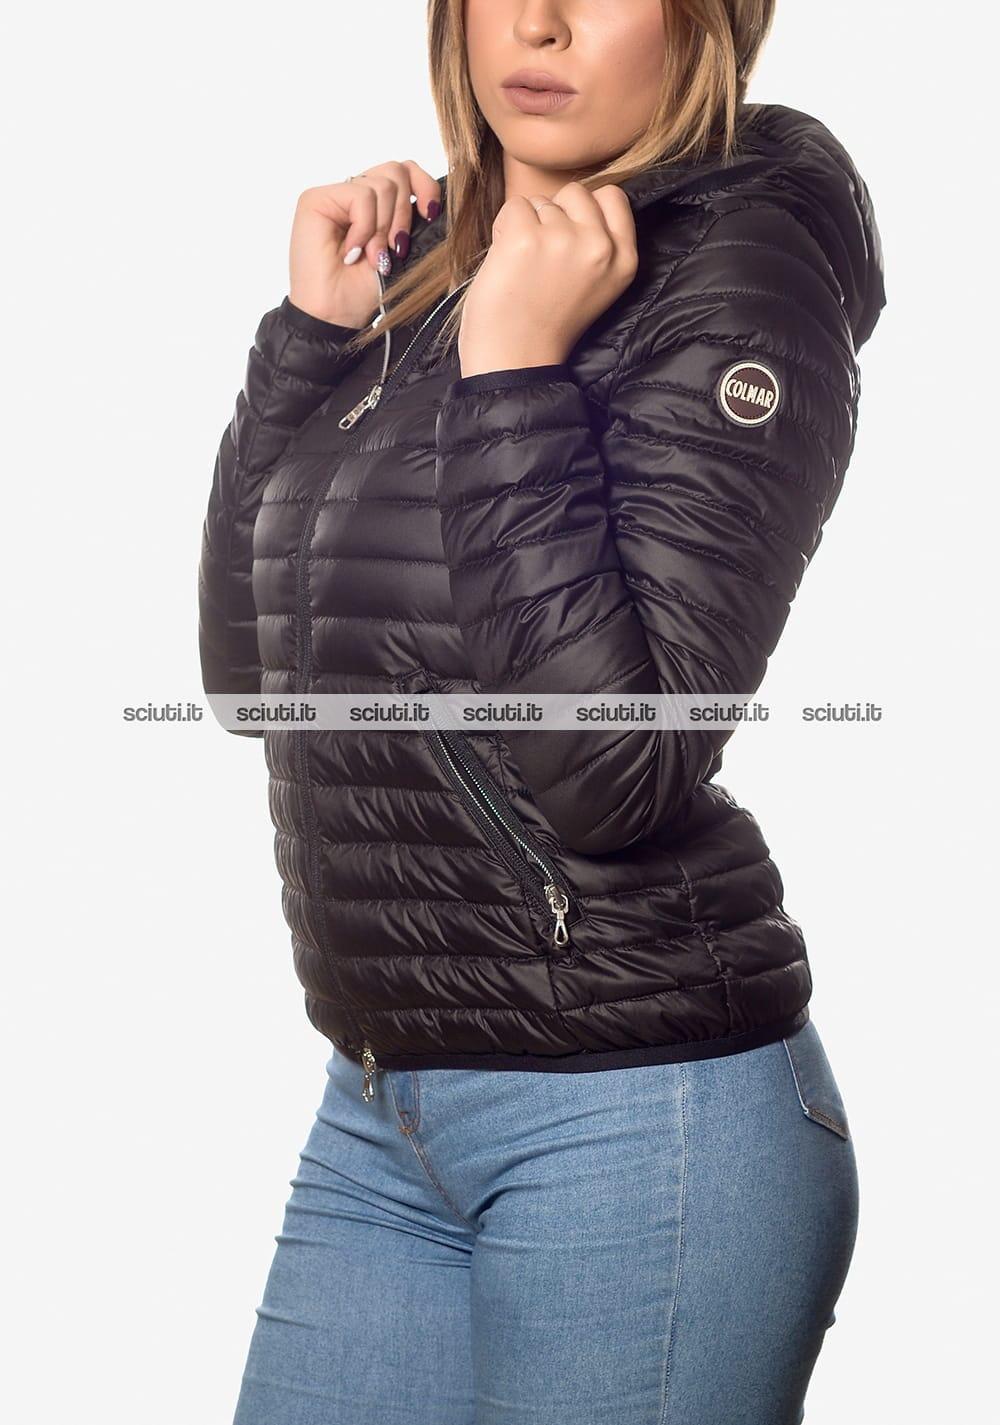 buy online 9e7d3 cdcb1 Piumino Colmar donna leggero con cappuccio nero | Sciuti.it